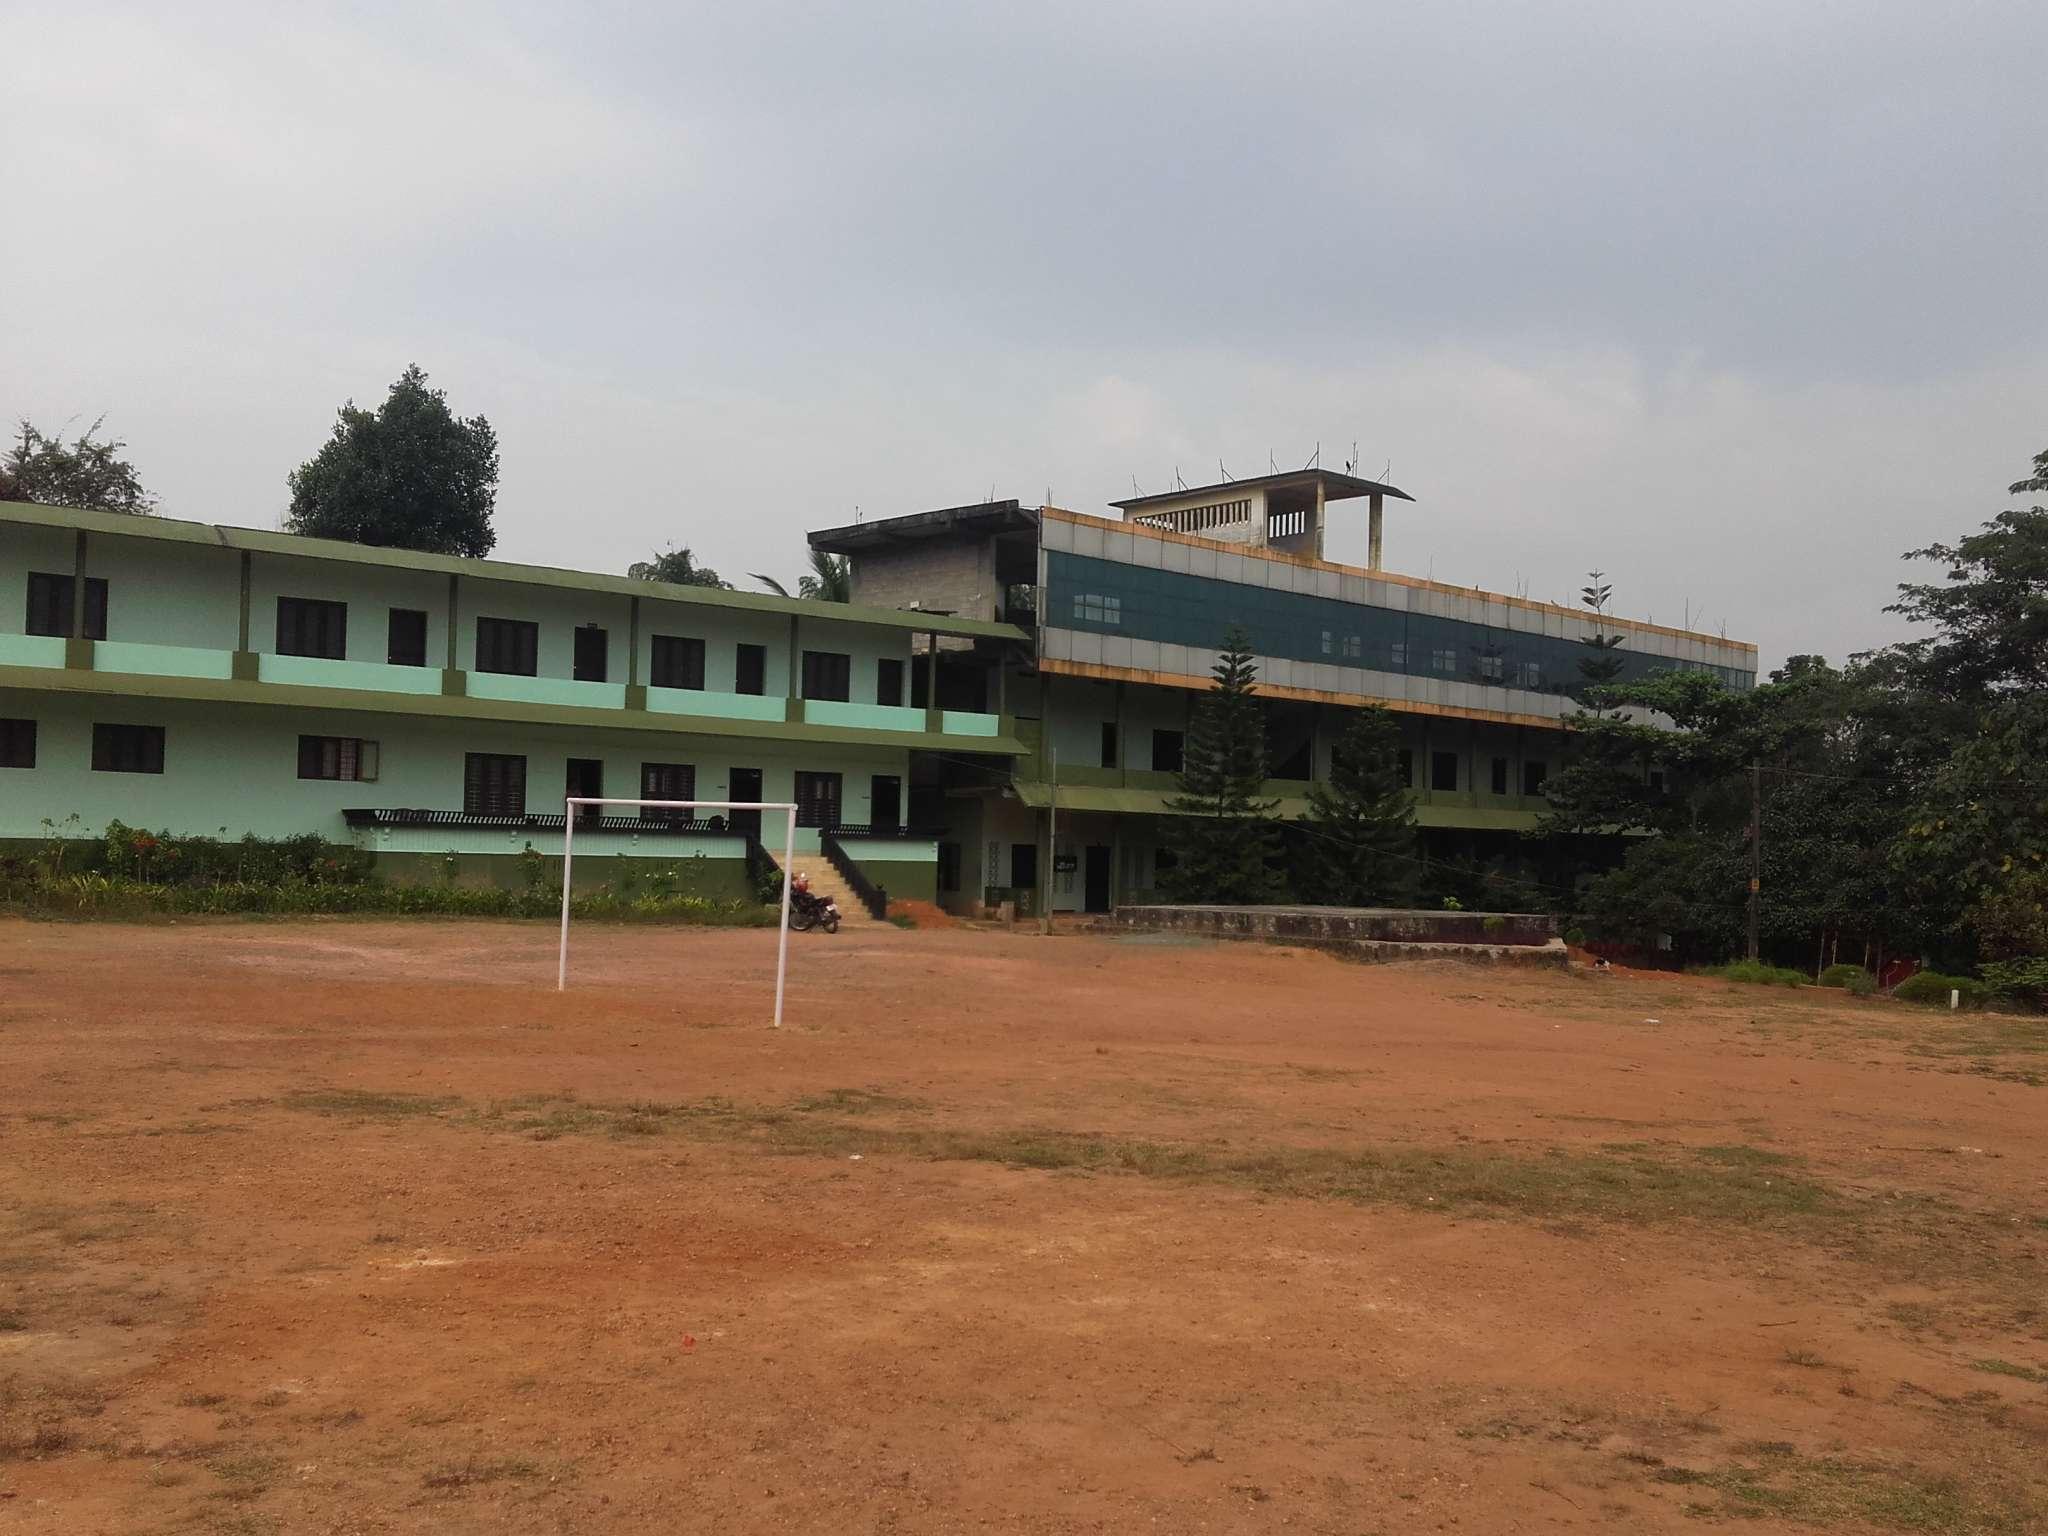 USHUS ENGLISH SCHOOL EDAPPAL PADDAMBI ROAD CHUNGAM DISTT MALAPURAM KERALA 930562